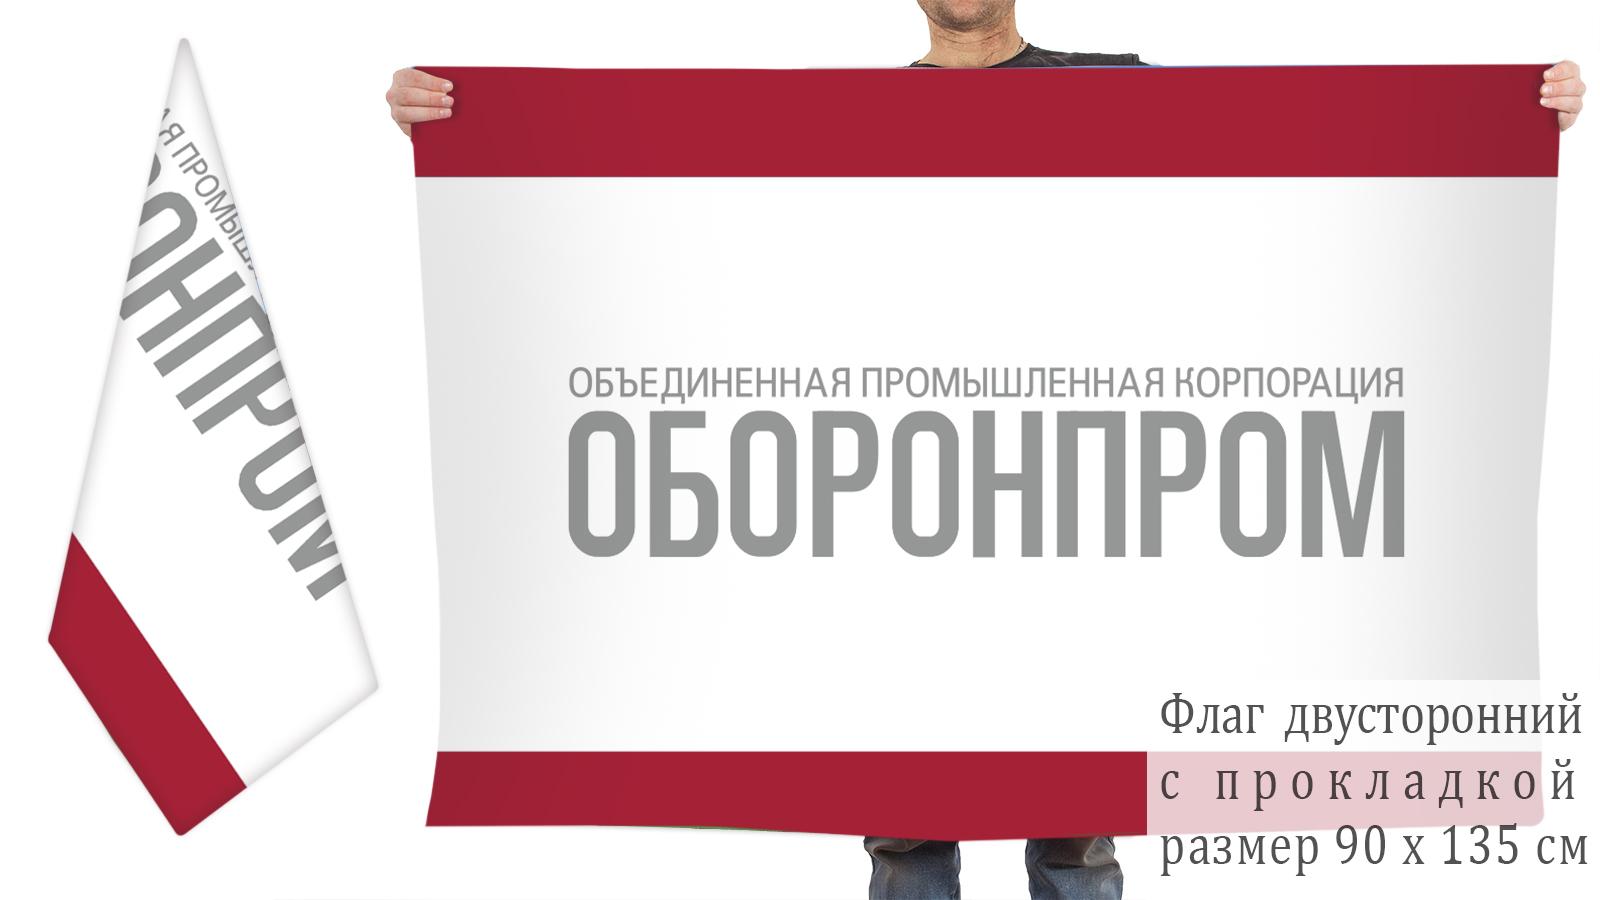 Двусторонний флаг Оборонпрома